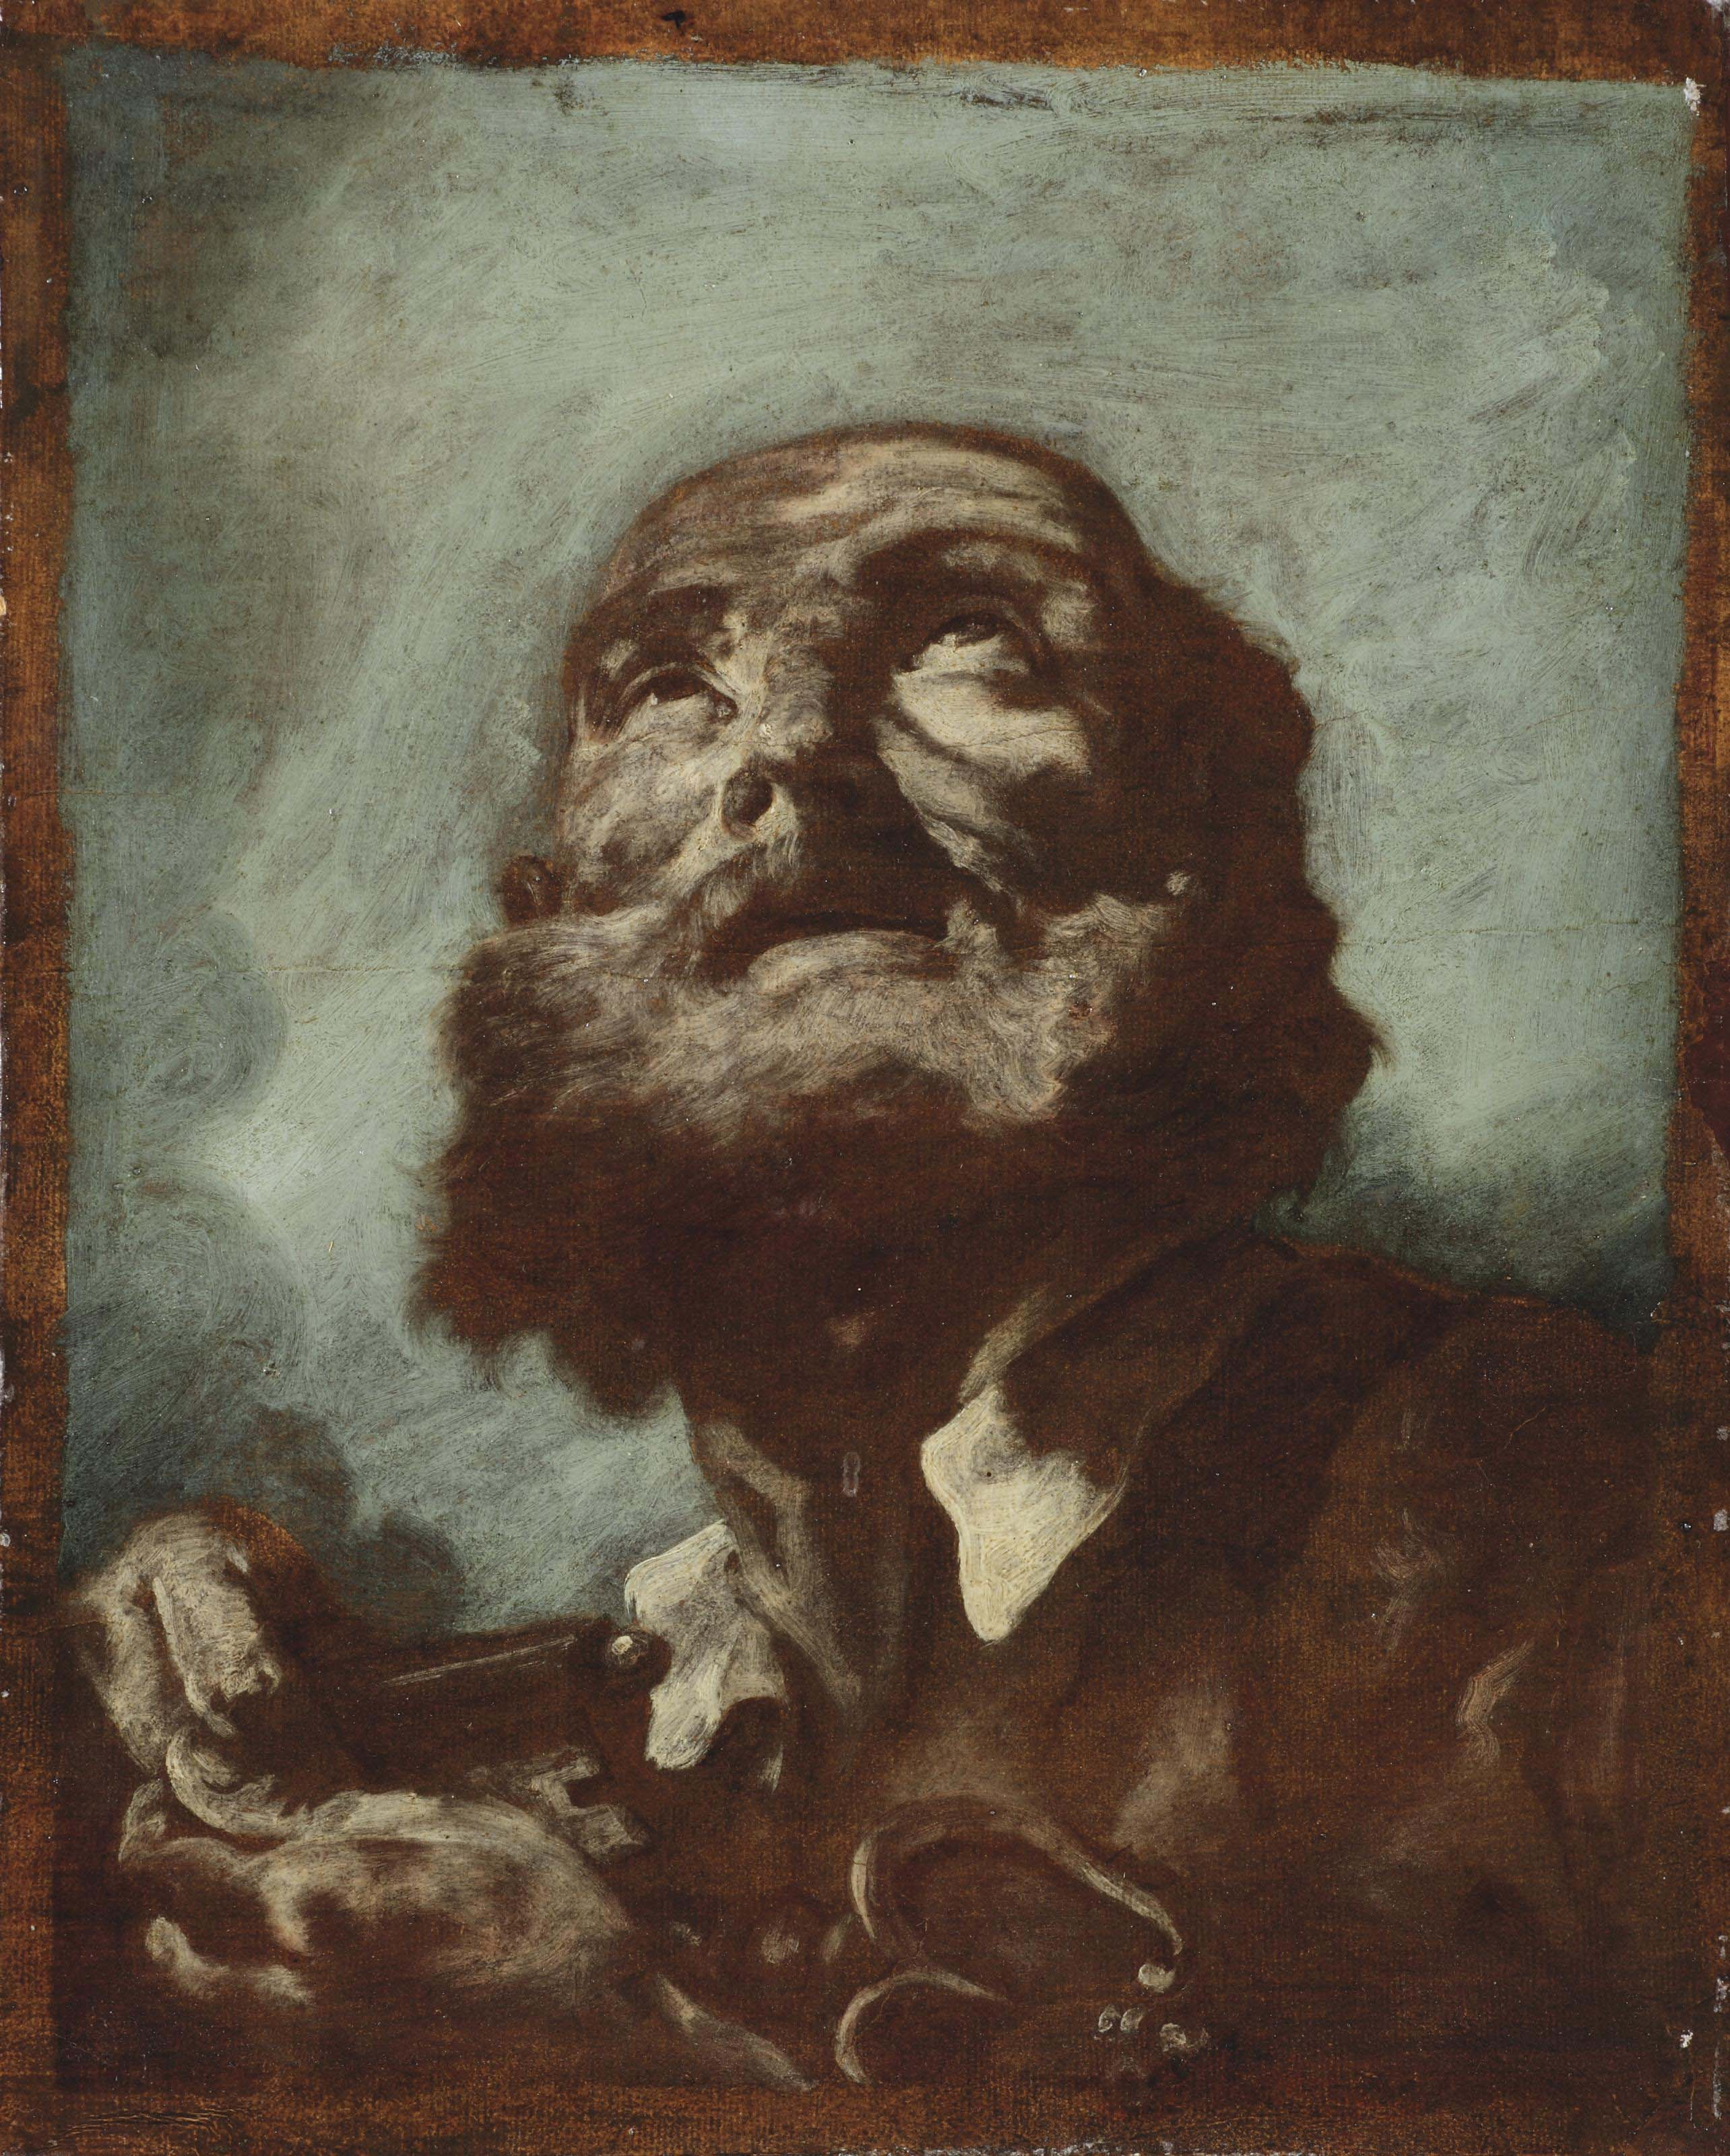 An oil sketch of Saint Peter